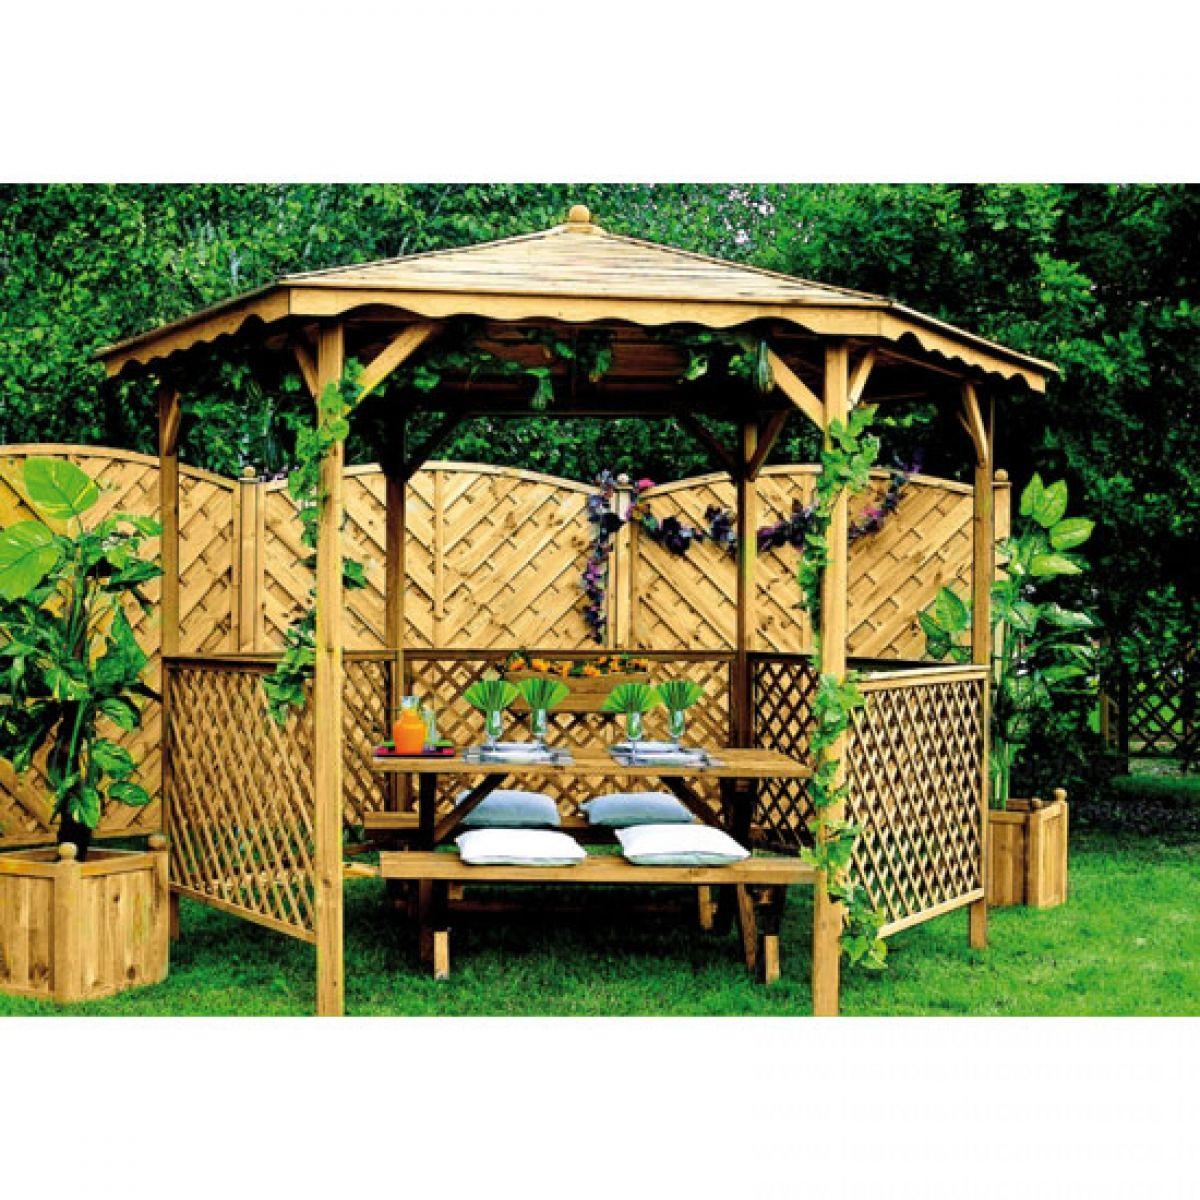 Kiosque de jardin   Abris de jardin - Carport - Garage   Pinterest ...